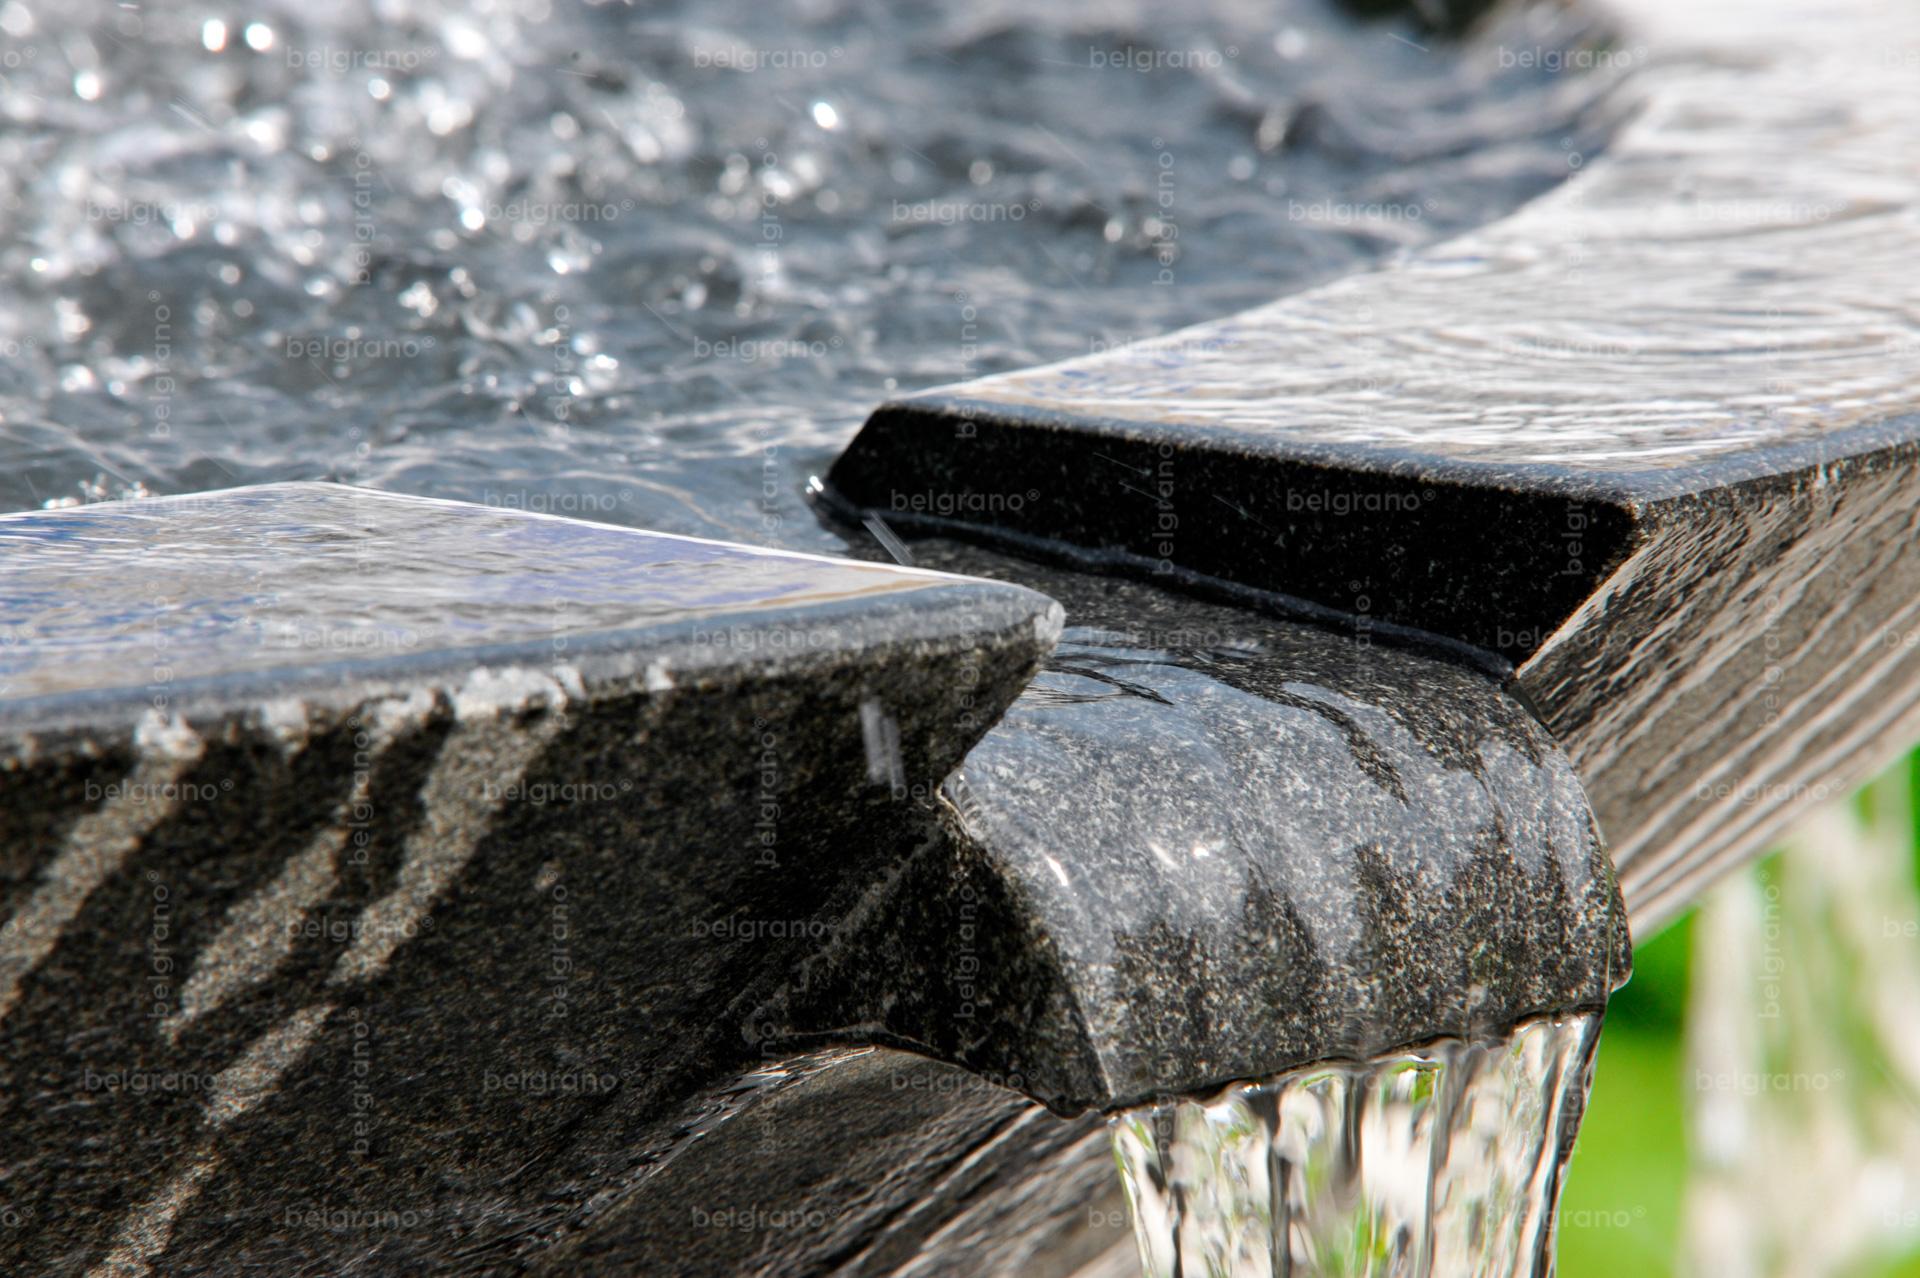 Landesgartenschau in Aschersleben mit einem belgrano® Naturstein Brunnen aus Basalt - Detailaufnahme